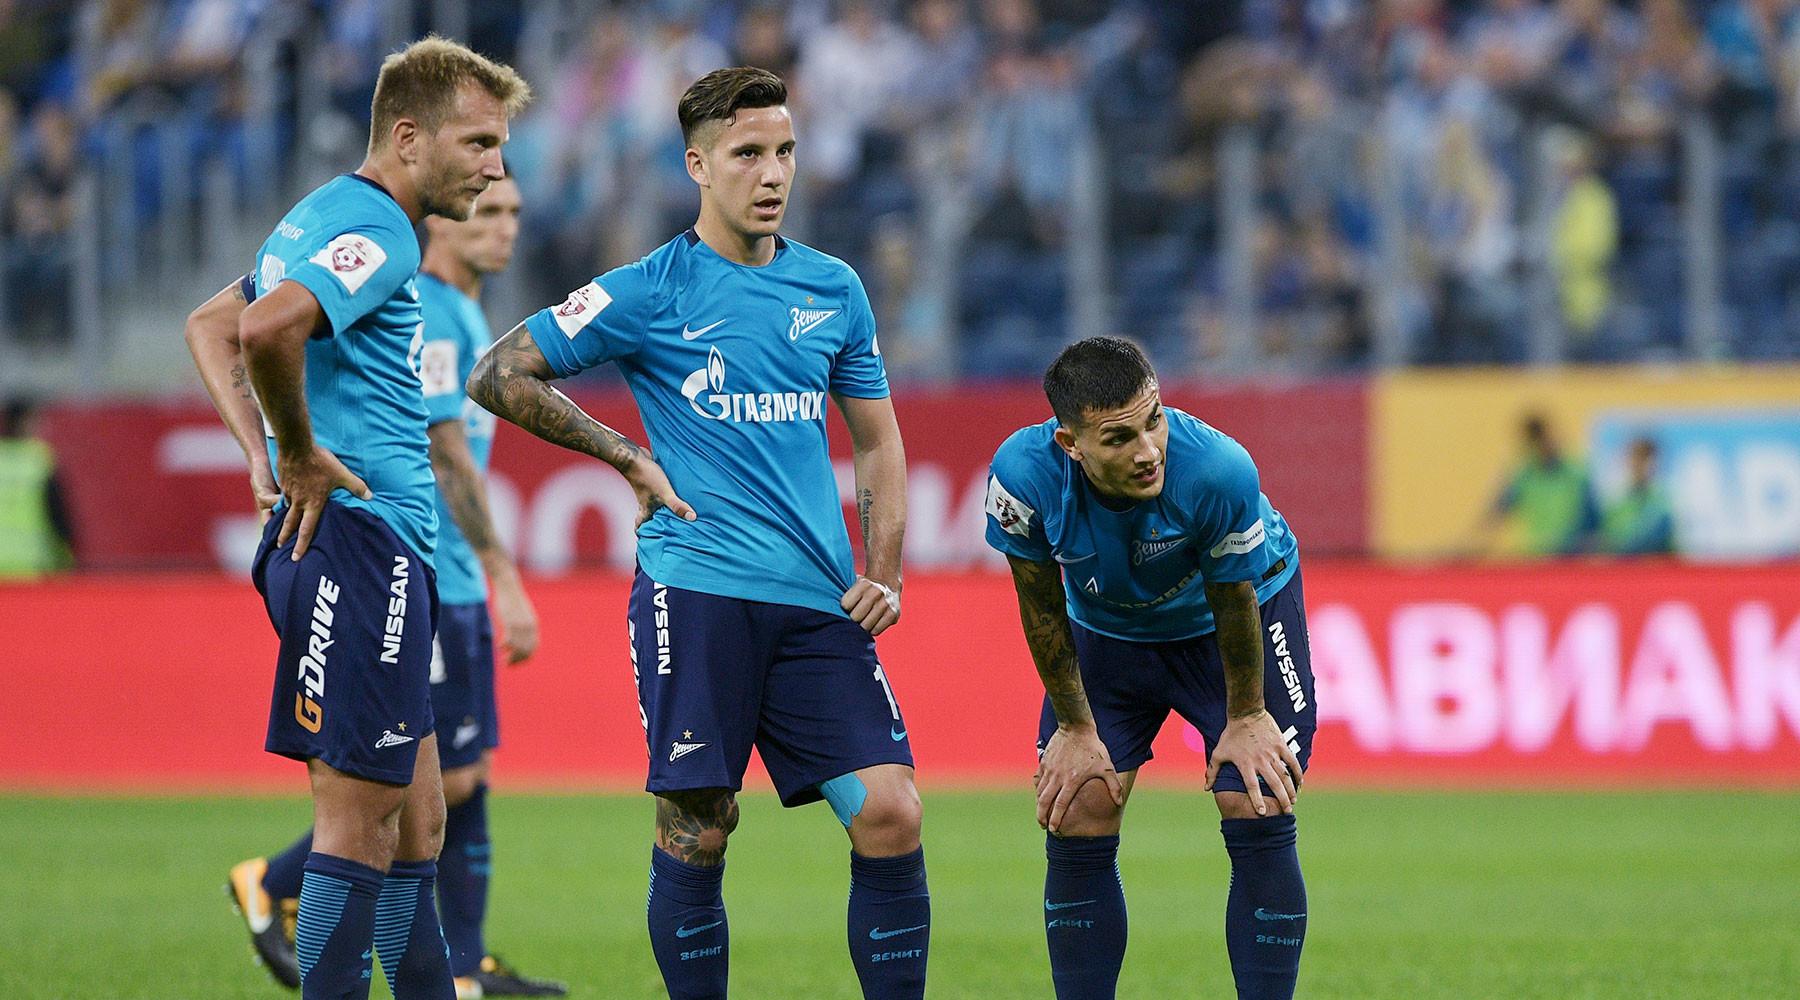 проиграл «Утрехту» в раунде плей-офф Лиги Европы»